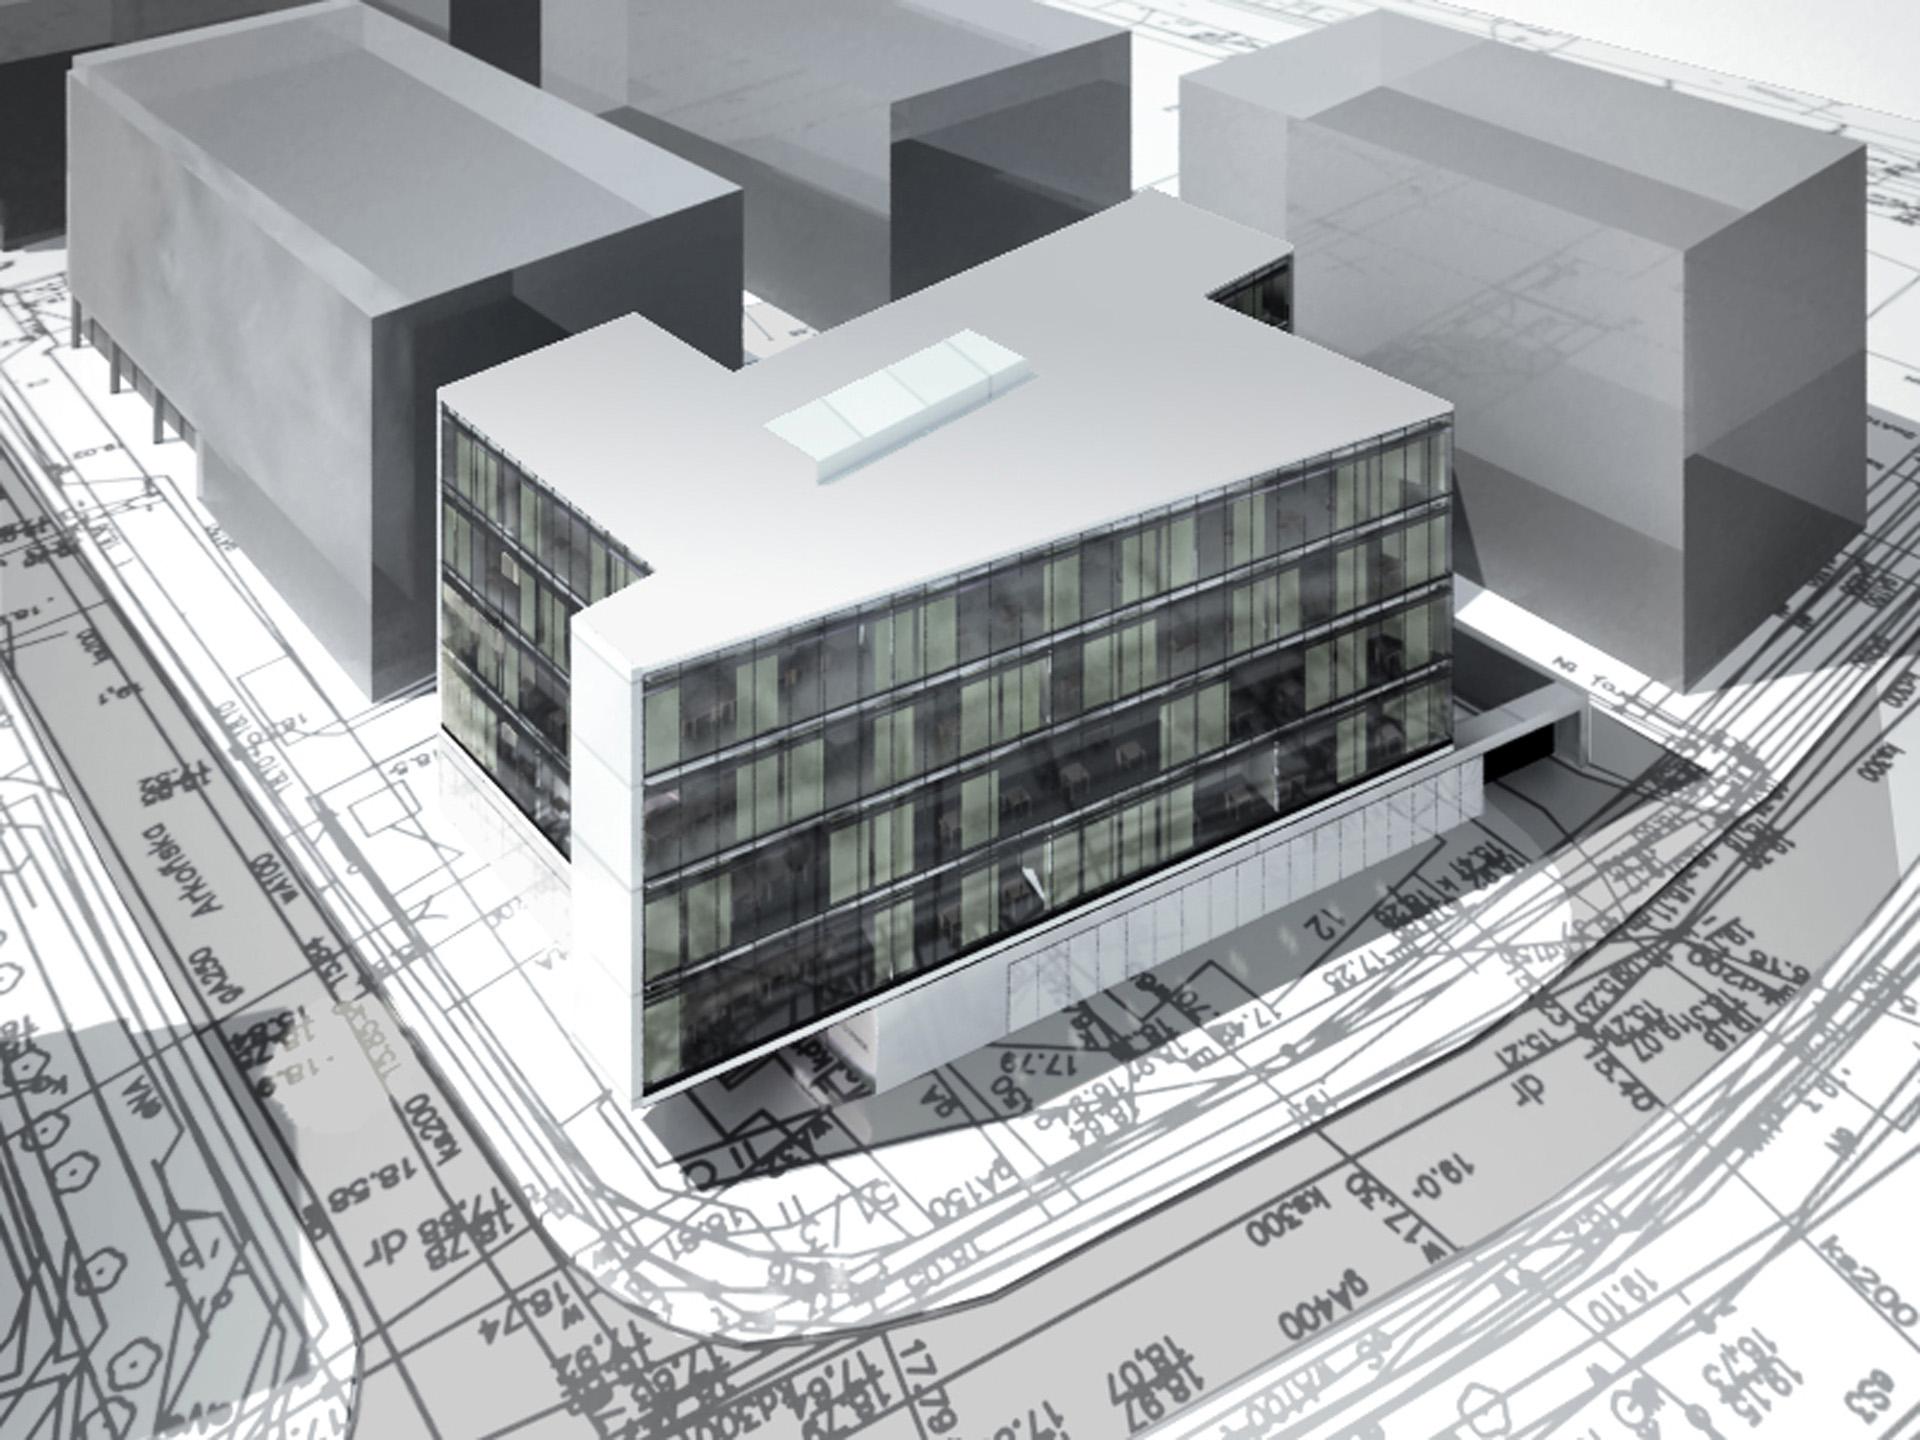 Budynek biurowy przy ul. Śląskiej w Gdańsku. Projekt budynku biurowego BAZA Architekci.